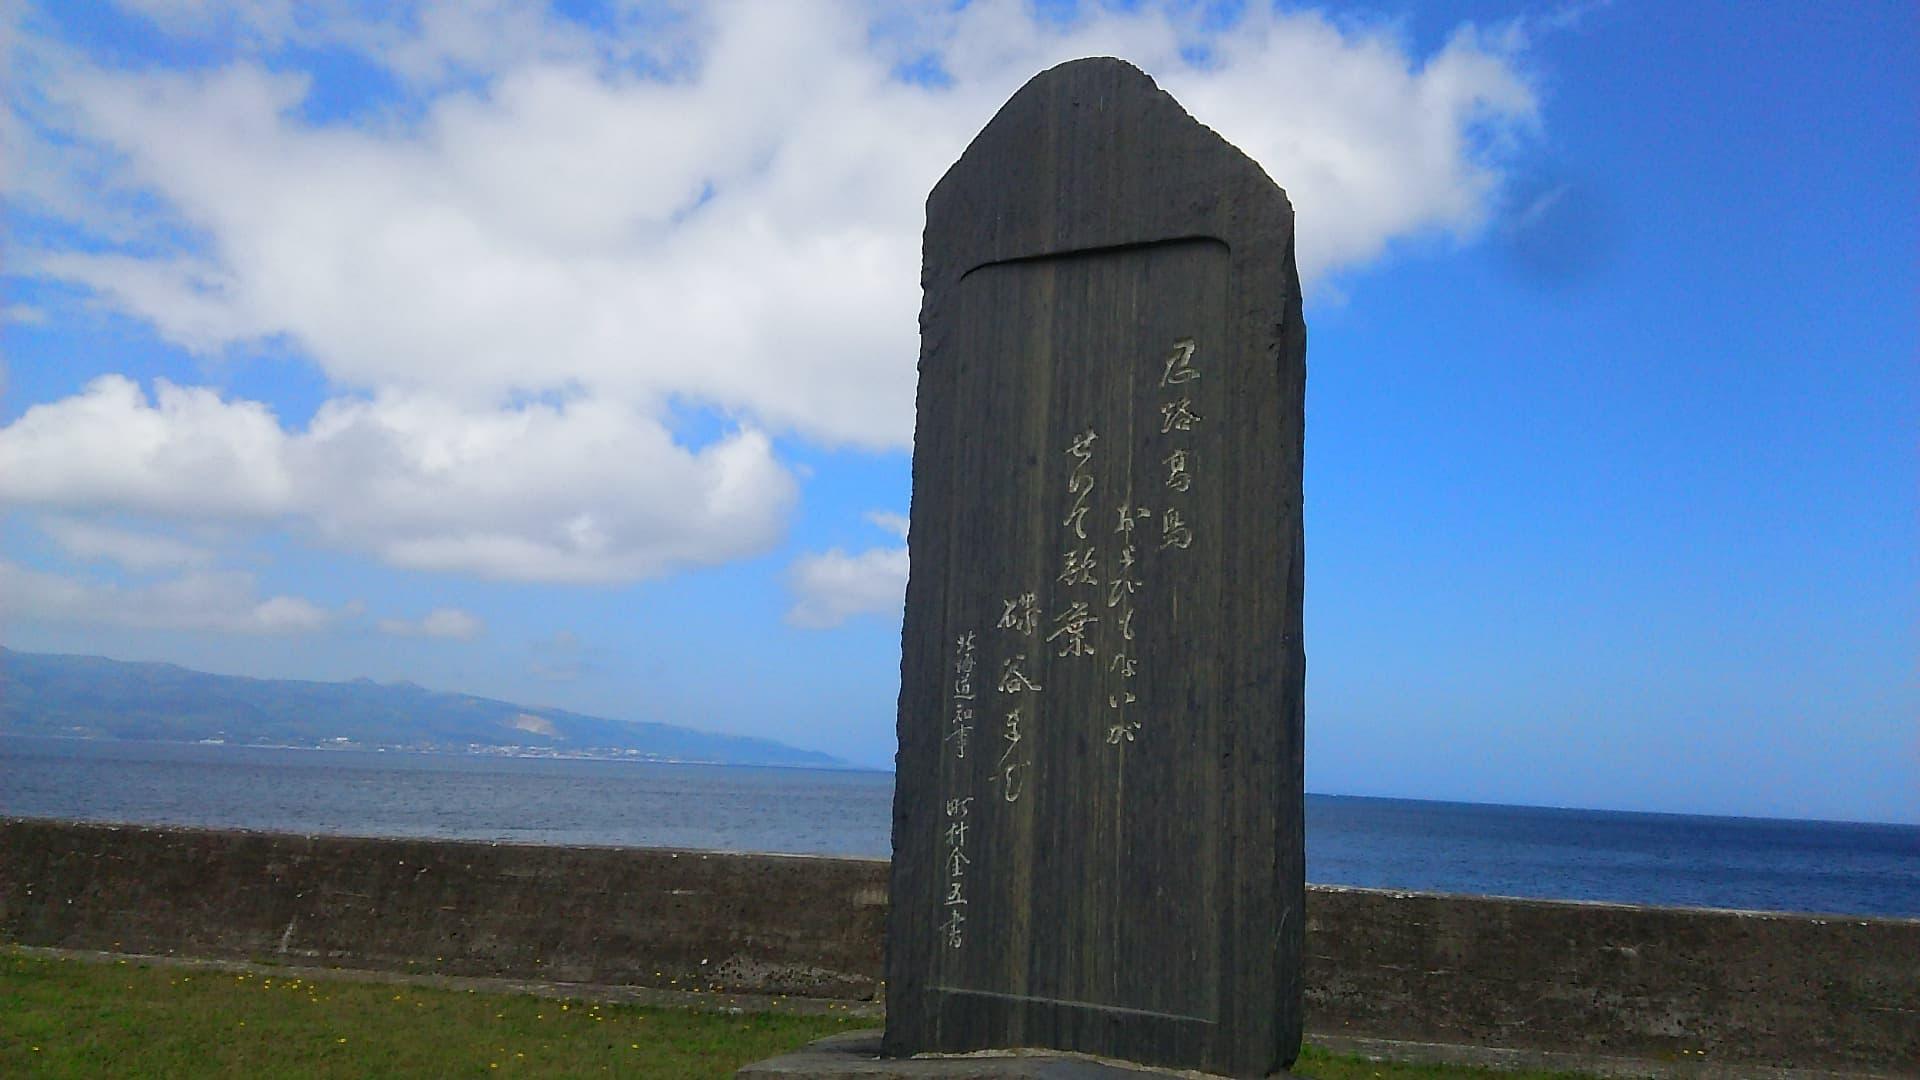 小西正尚が撮影した江差追分歌碑の写真